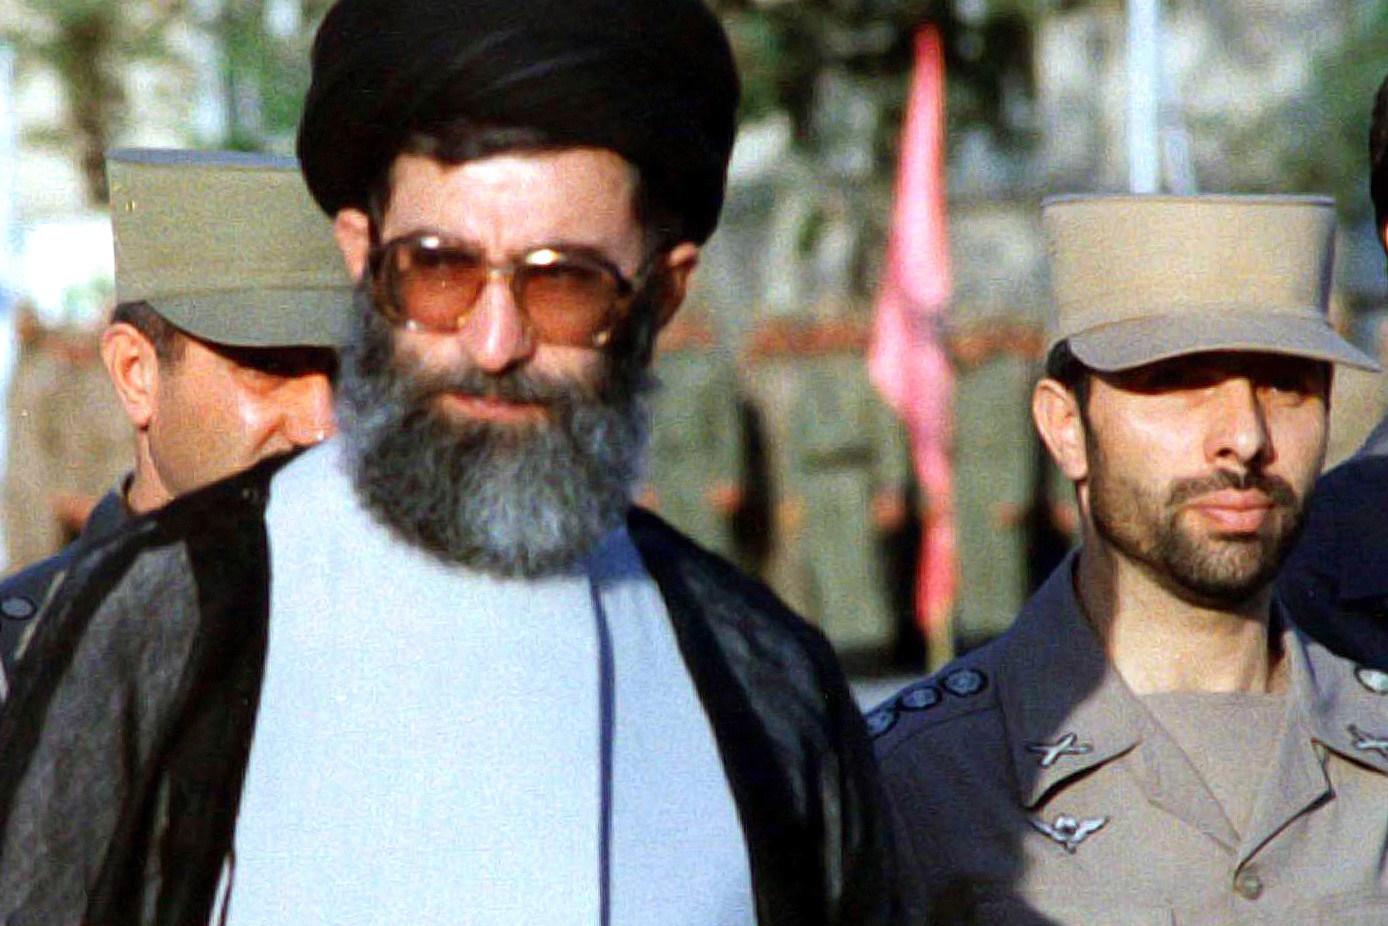 خاطرات رهبر انقلاب از شهید سپهبد علی صیاد شیرازی: شایسته شهادت بود؛ حقش بود؛ حیف بود صیاد بمیرد